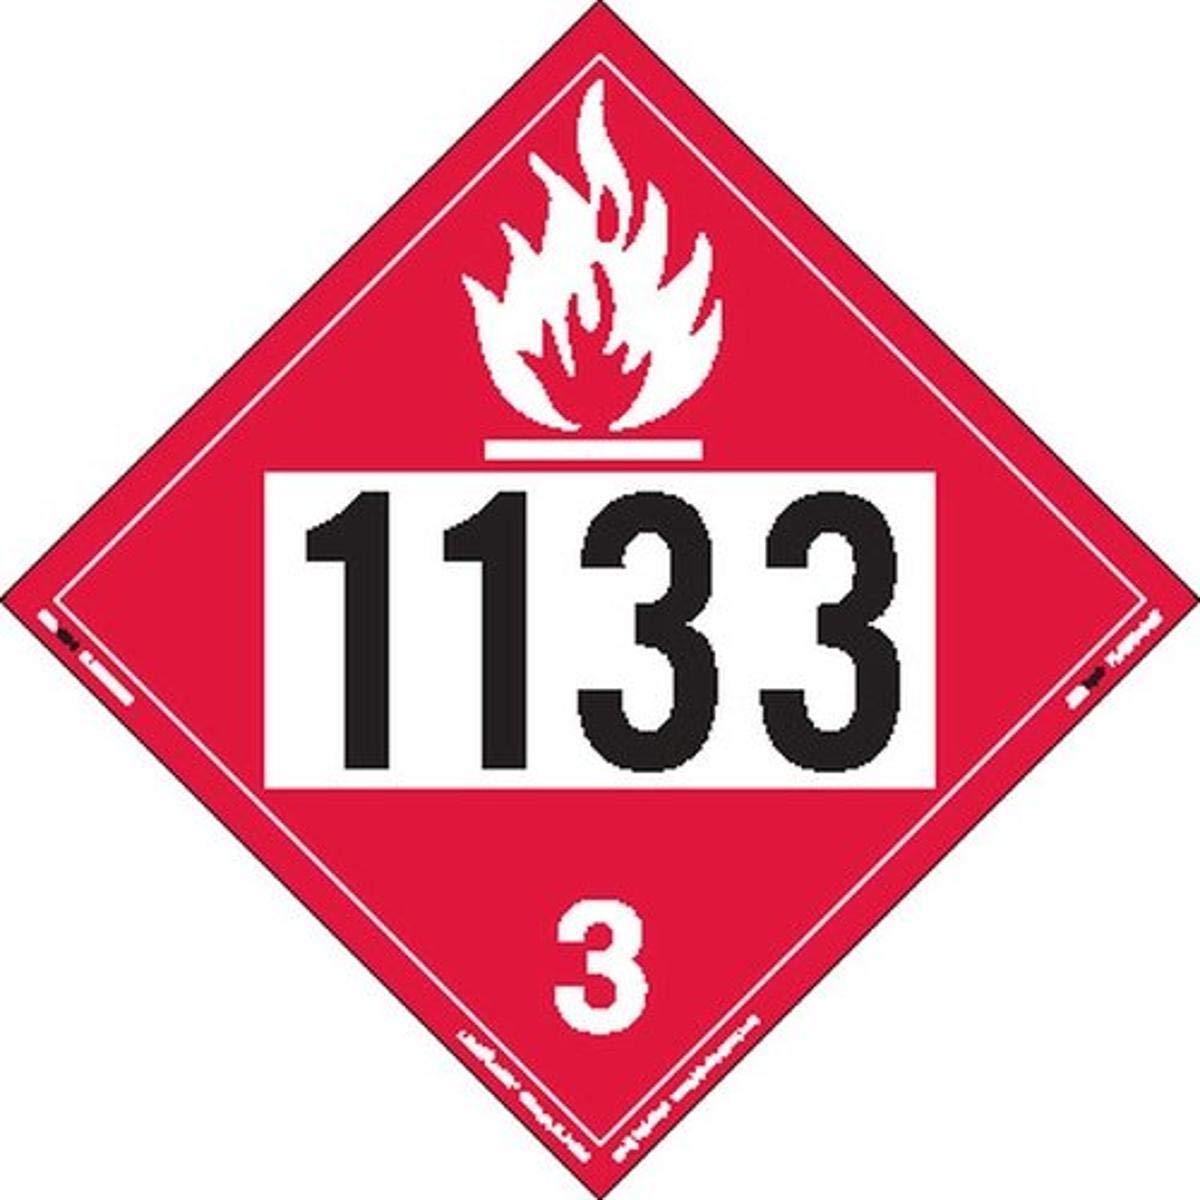 Labelmaster ZT2-1133 UN 1133 Flammable Ta Weekly update Liquid Hazmat Ranking TOP17 Placard